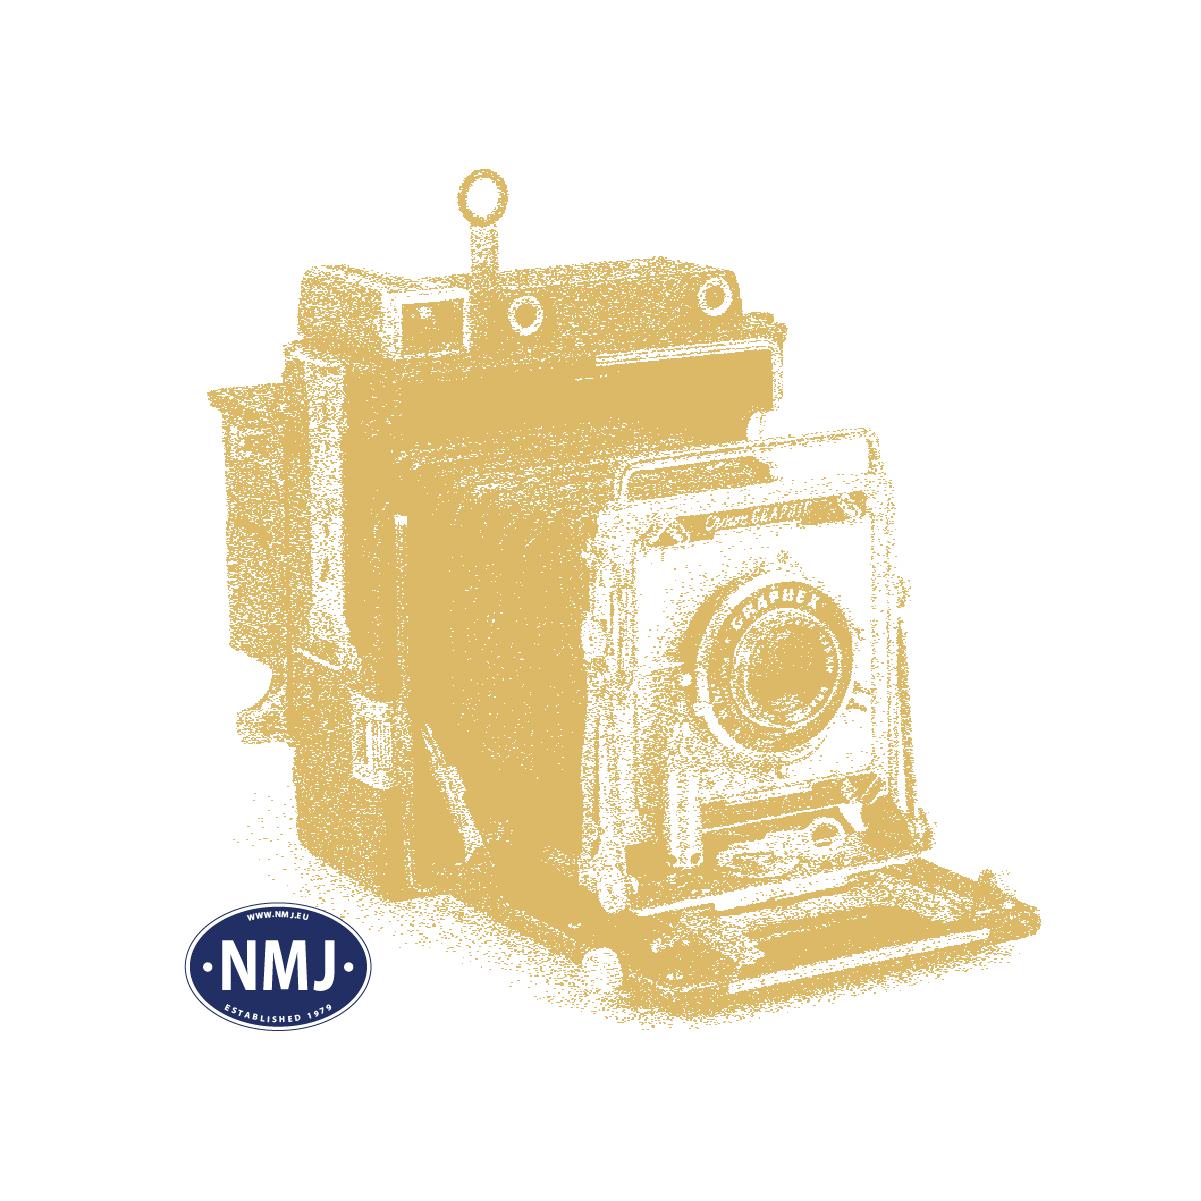 NMJB1123 - Overgangsbelger, Harmonika, 4 Stk